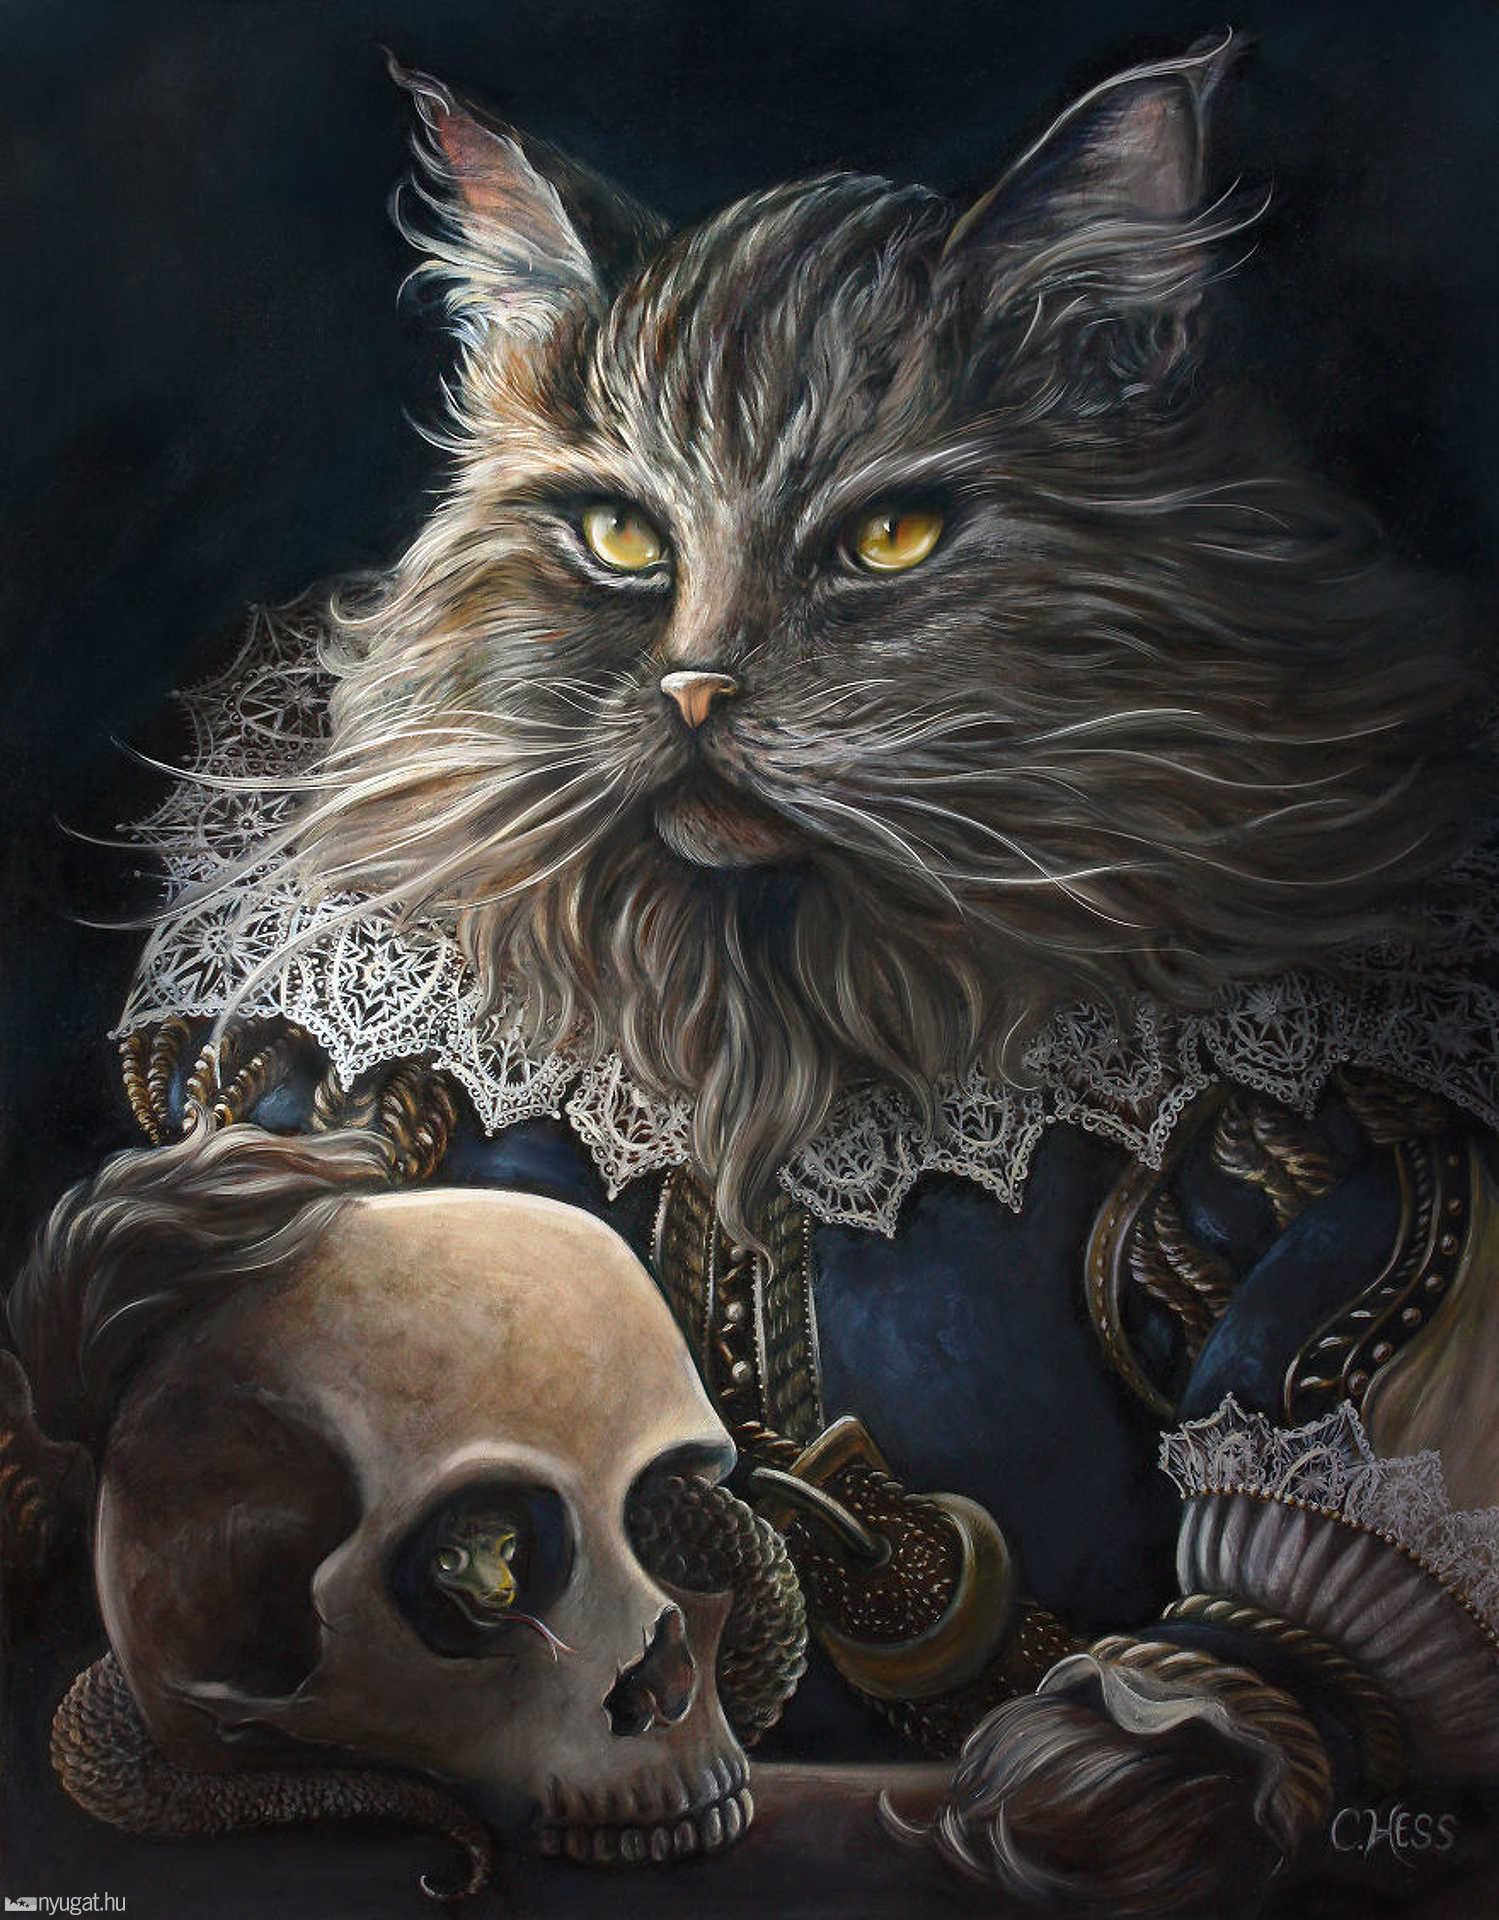 Macskák történelmi köntösben